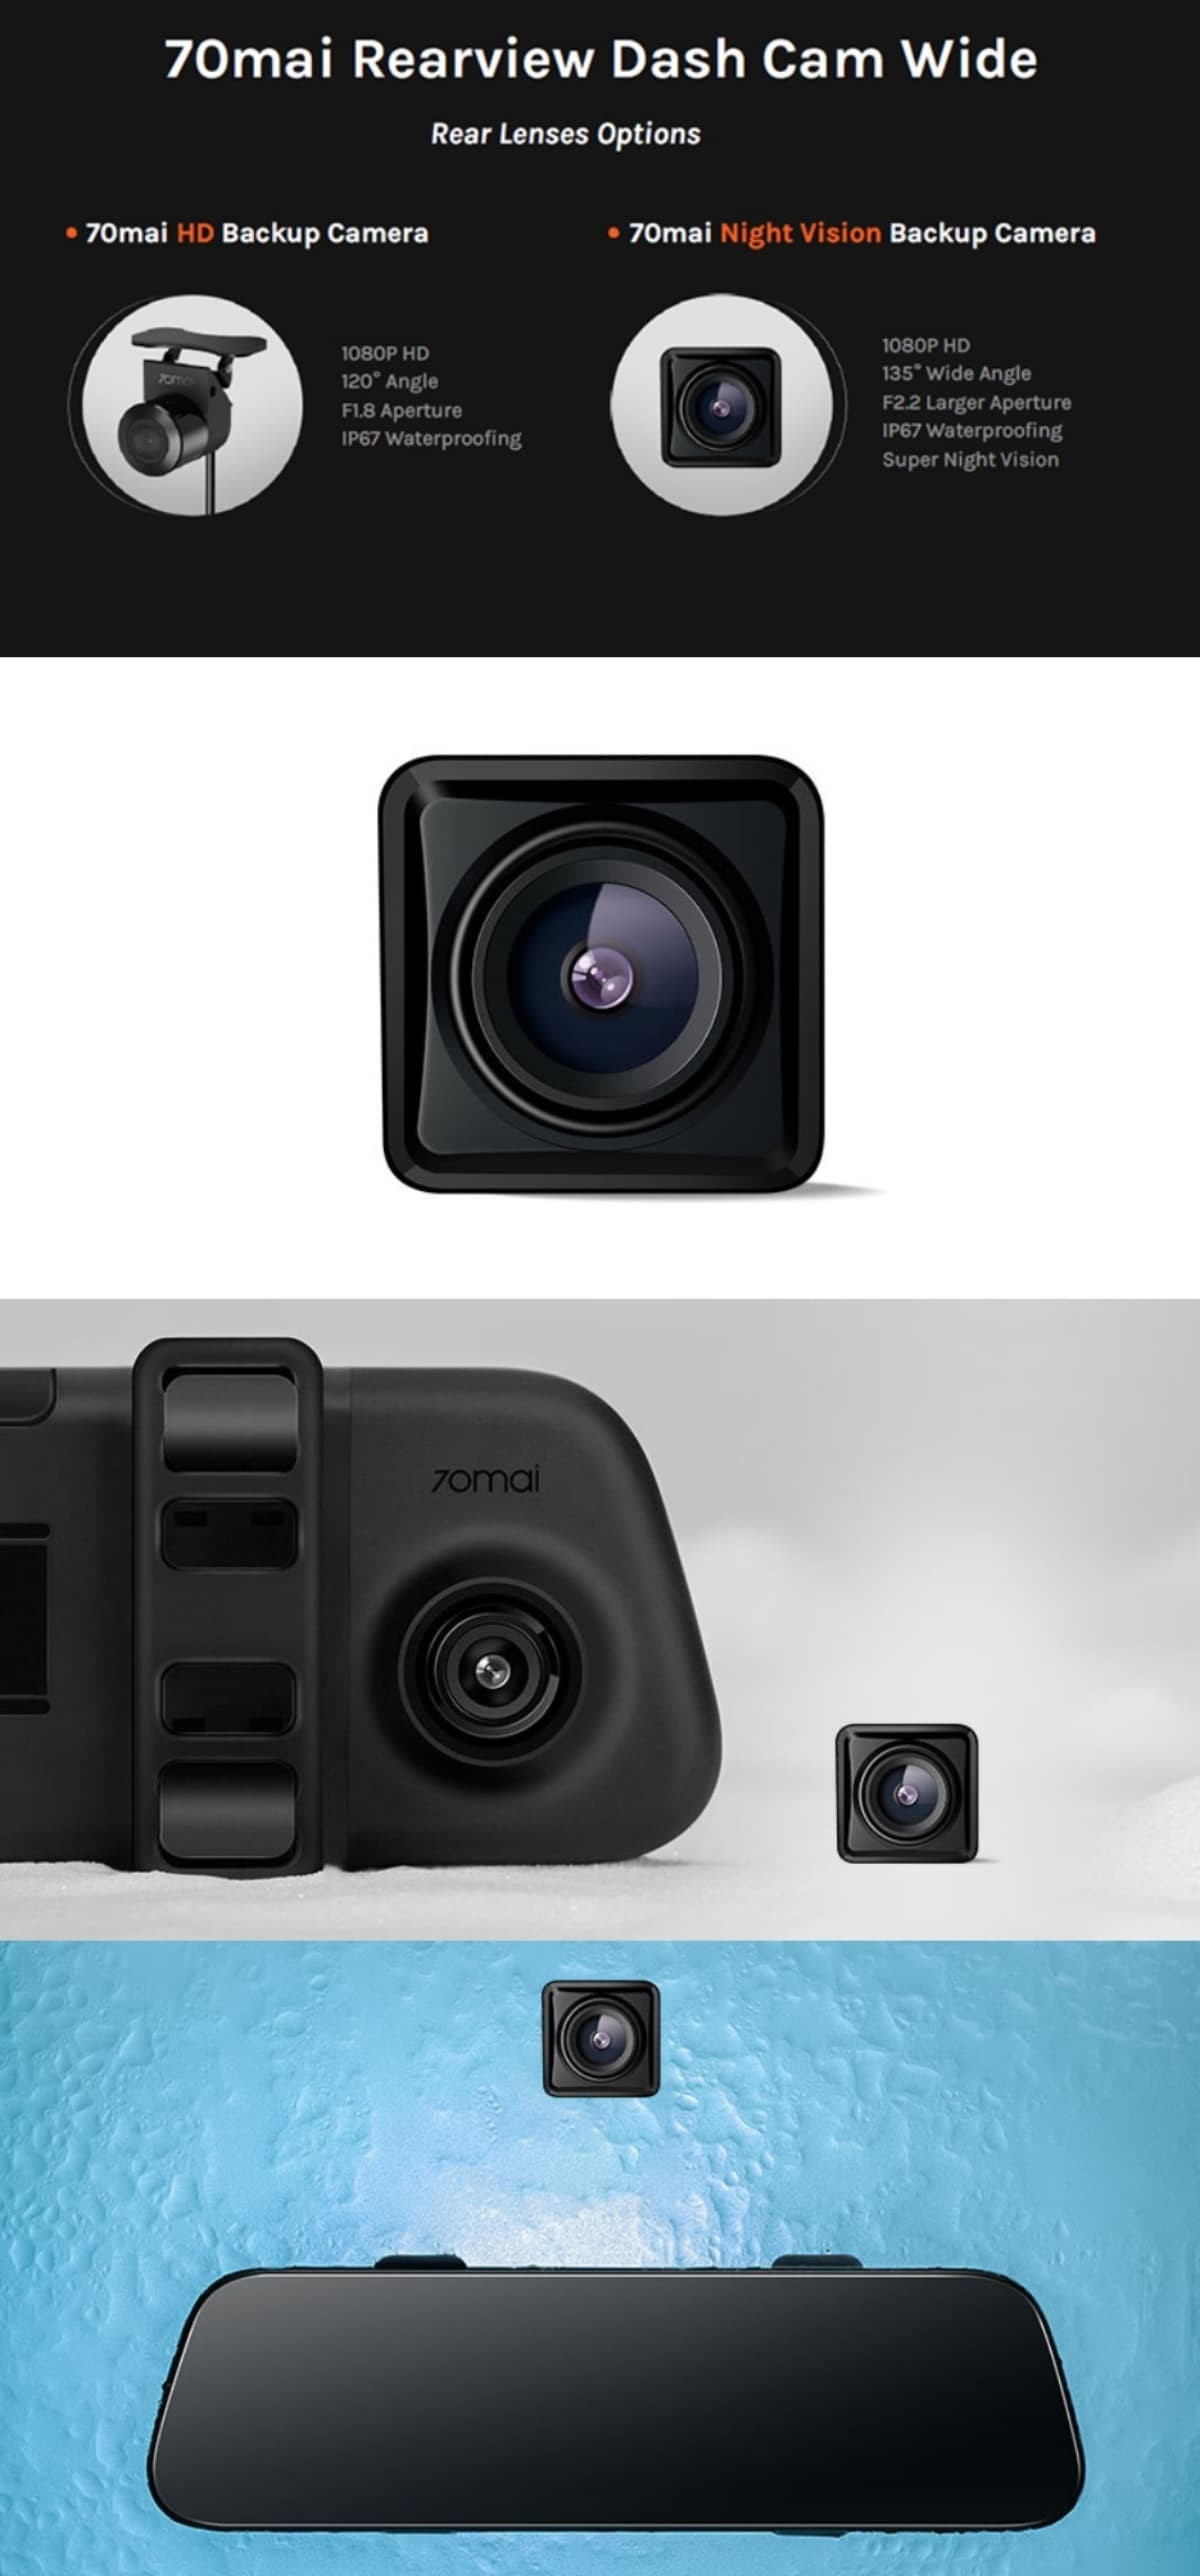 Prezentare-Camera-pentru-marsalier-70MAI-RC05b7943ac34c3ec37e.jpg